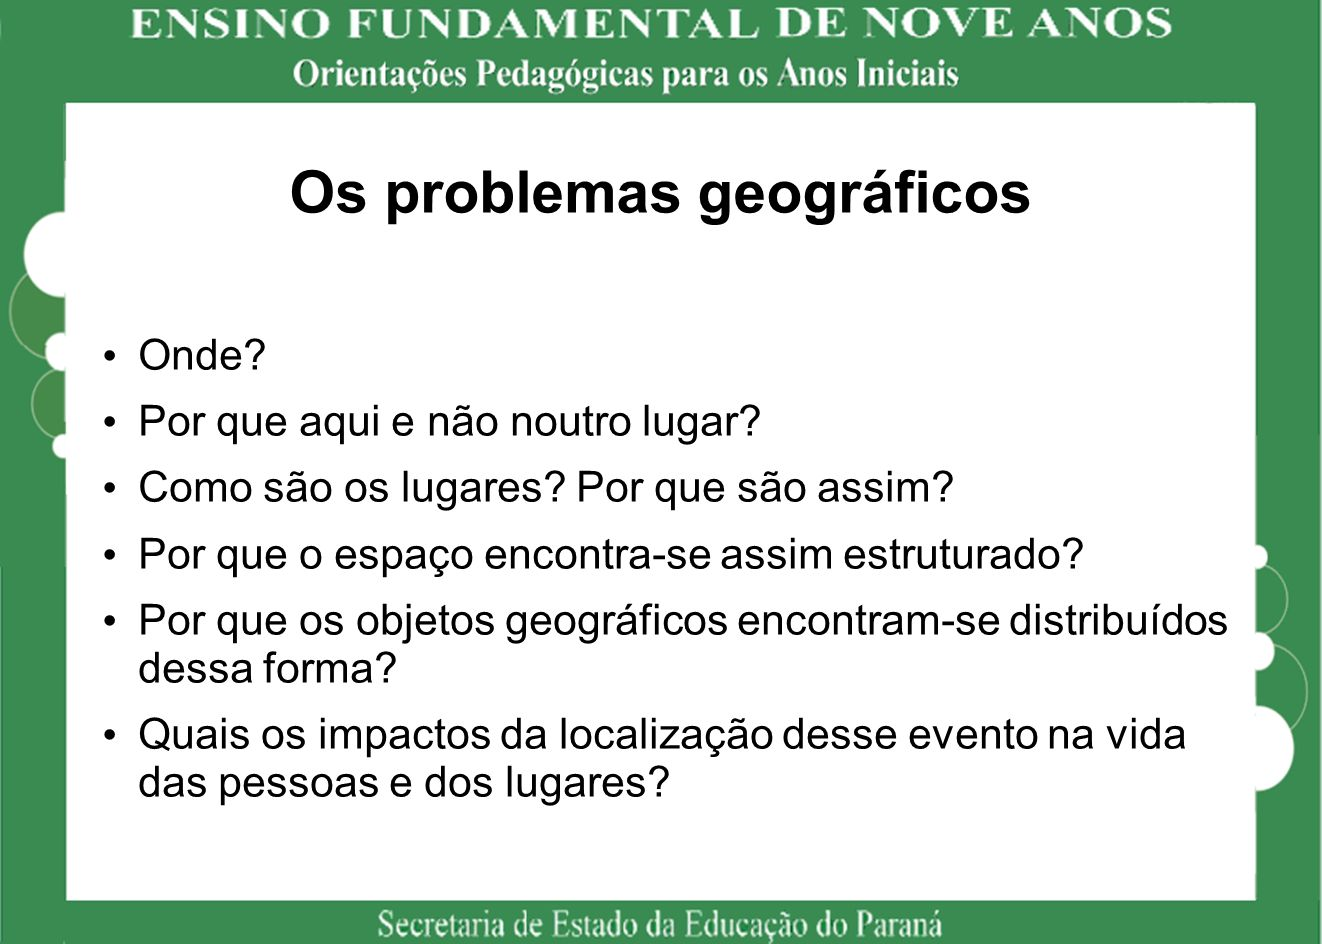 Os problemas geográficos